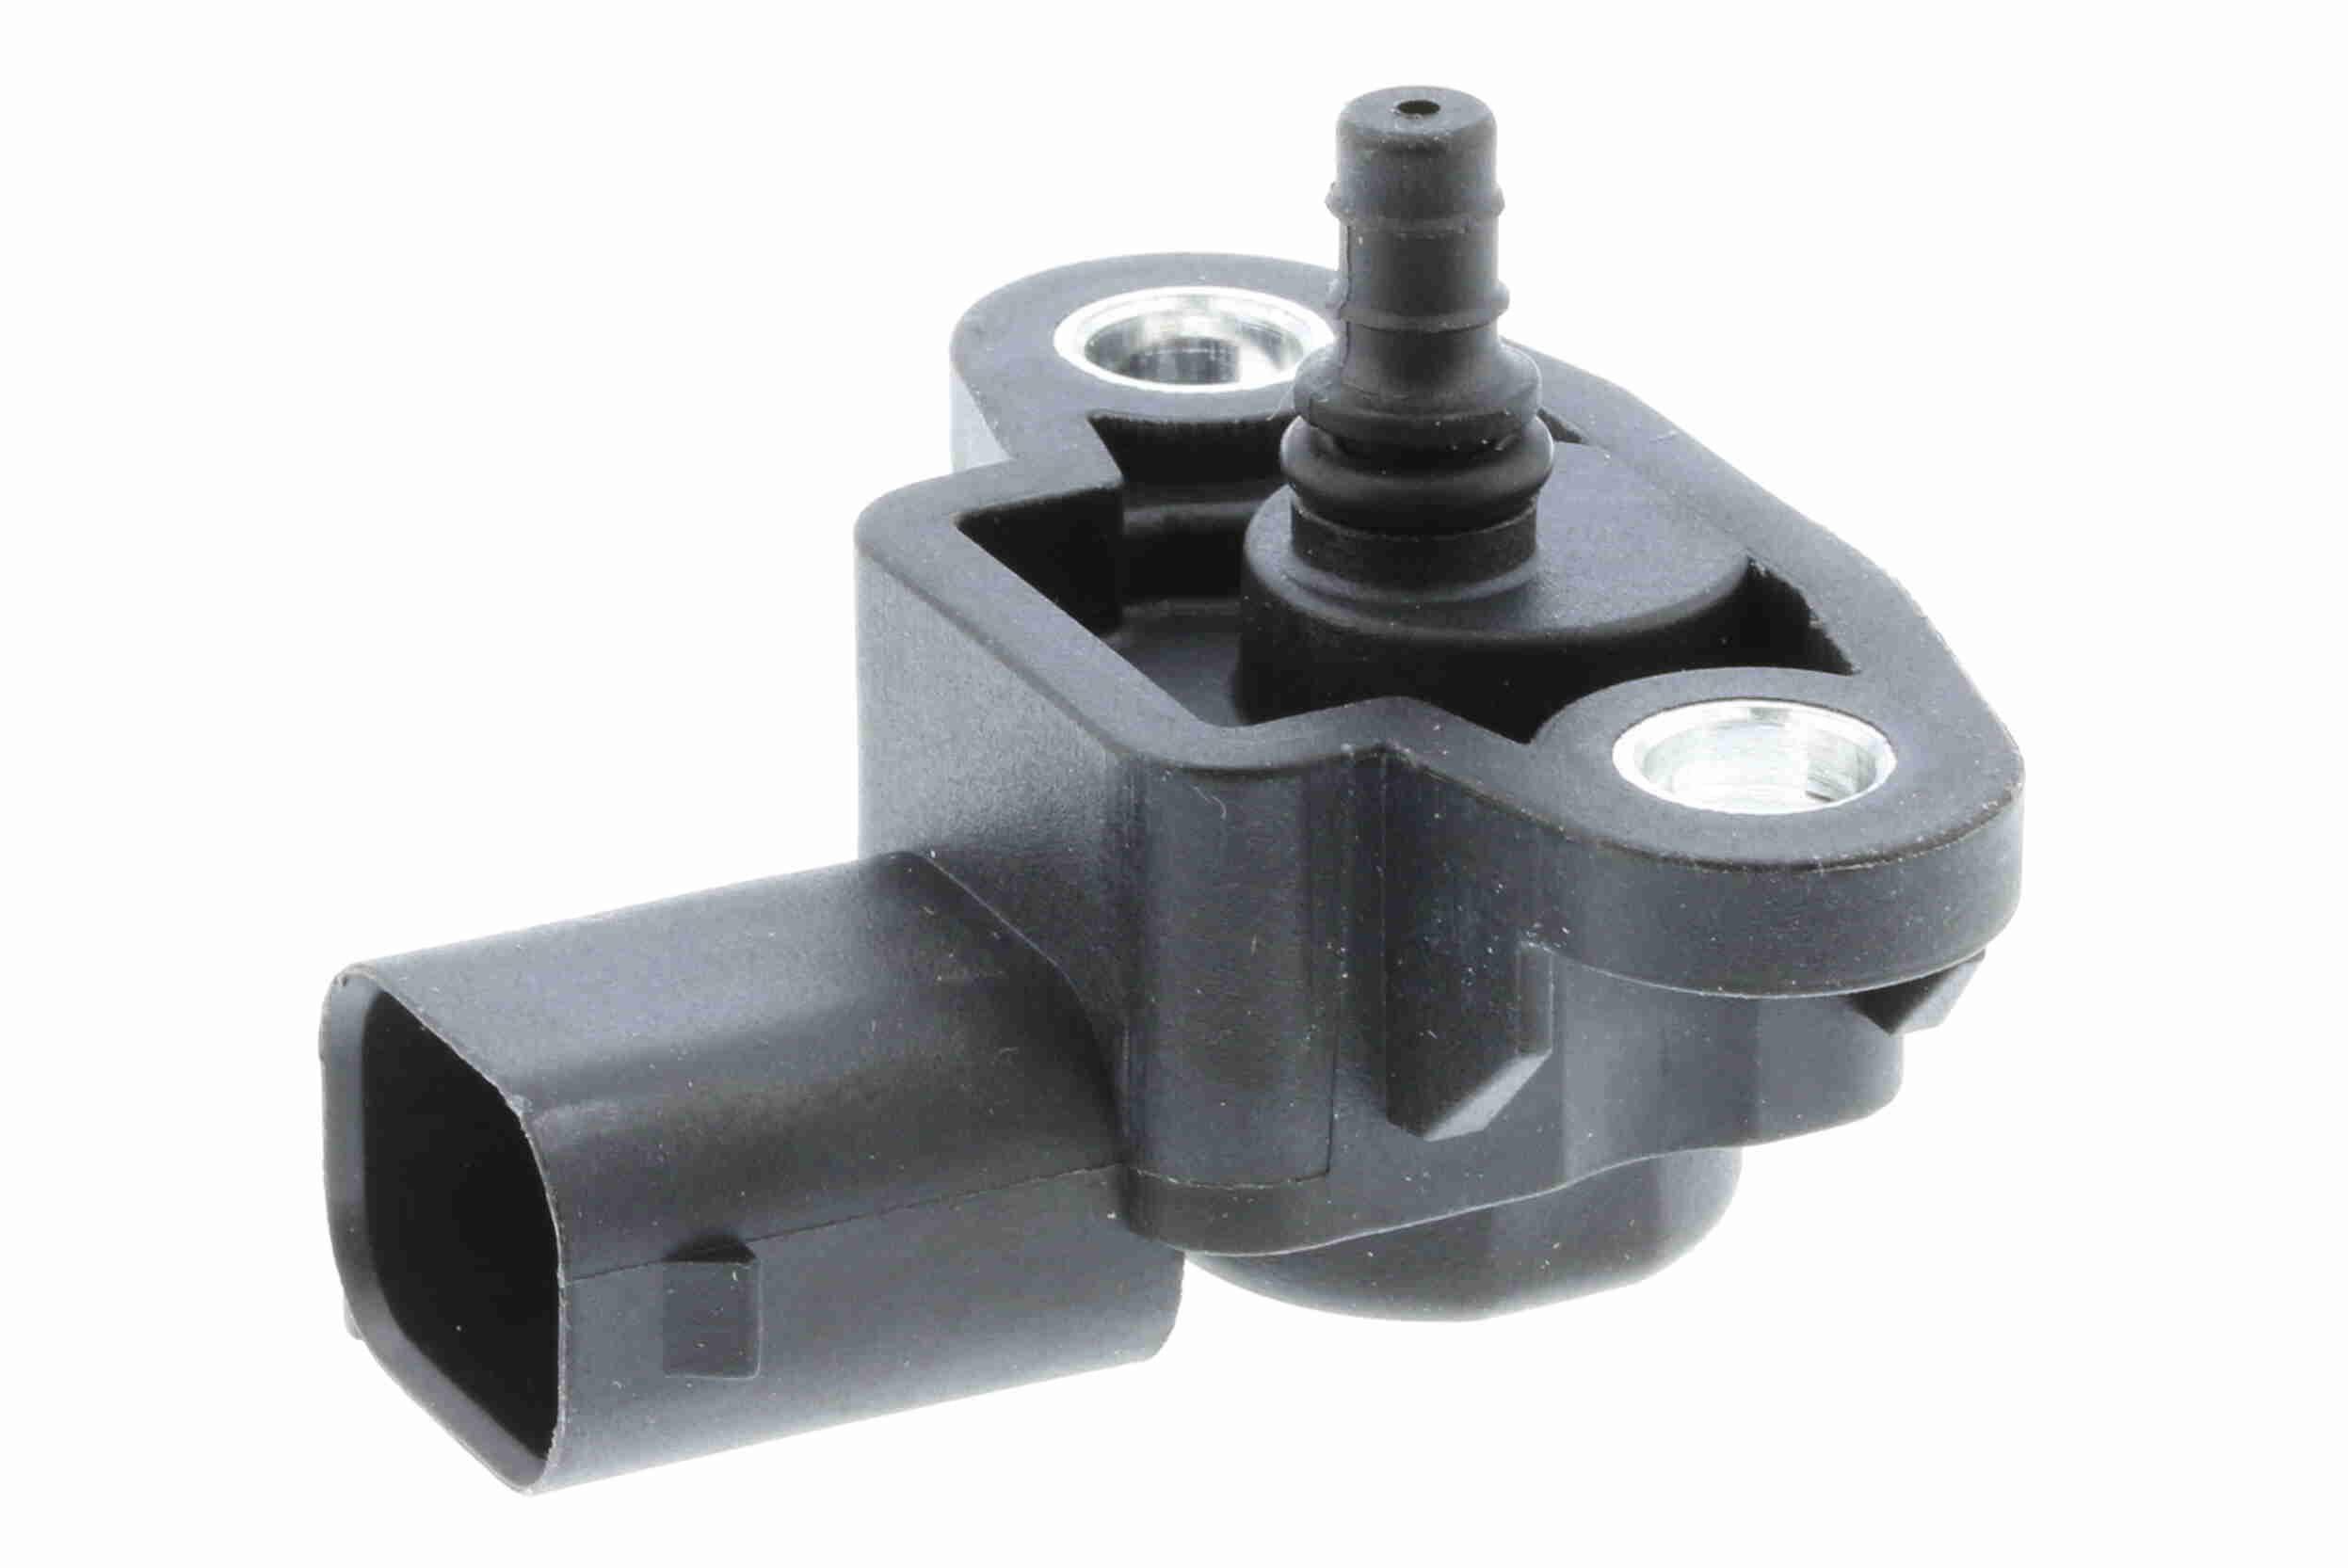 MERCEDES-BENZ B-Klasse 2015 Ladedrucksensor - Original VEMO V30-72-0713